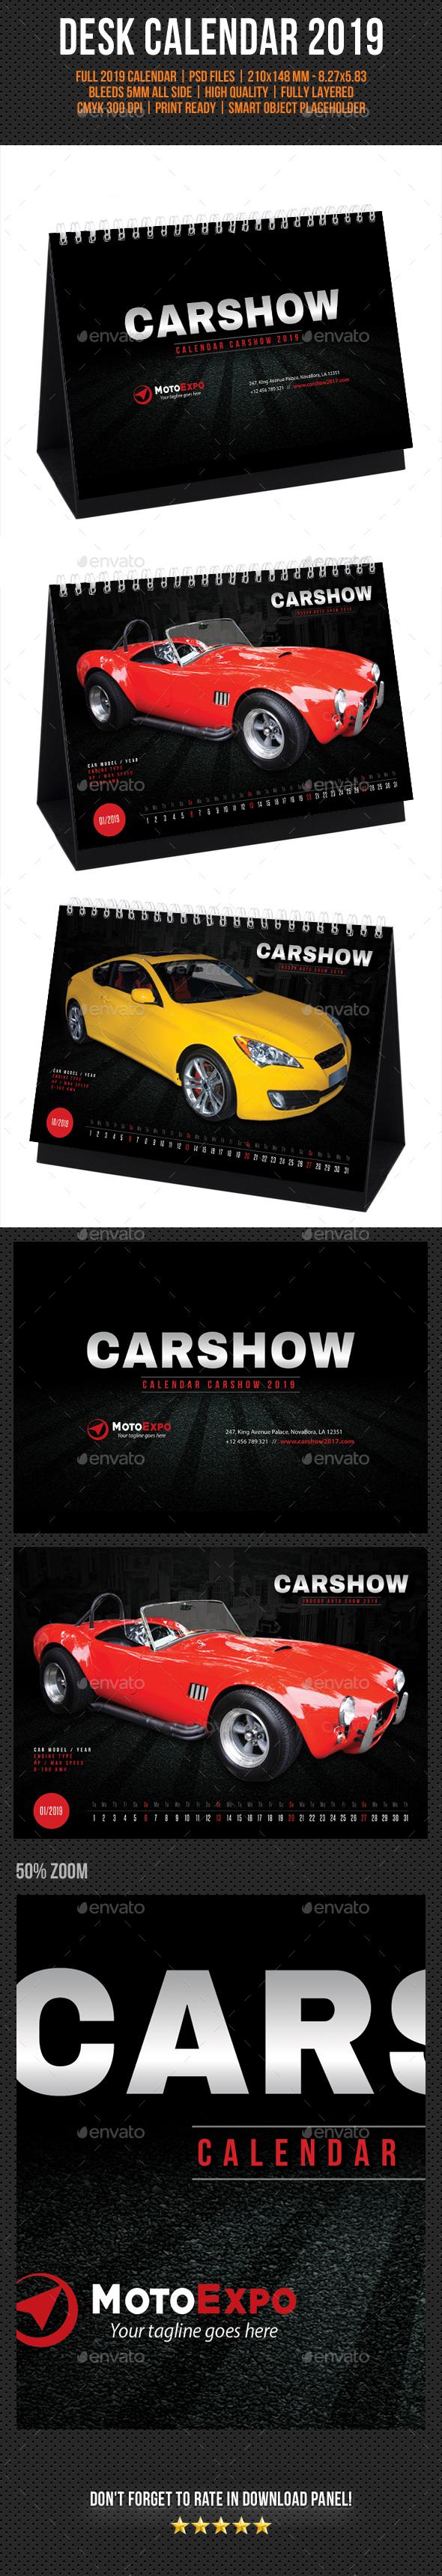 Auto Show Desk Calendar 2019 - Calendars Stationery